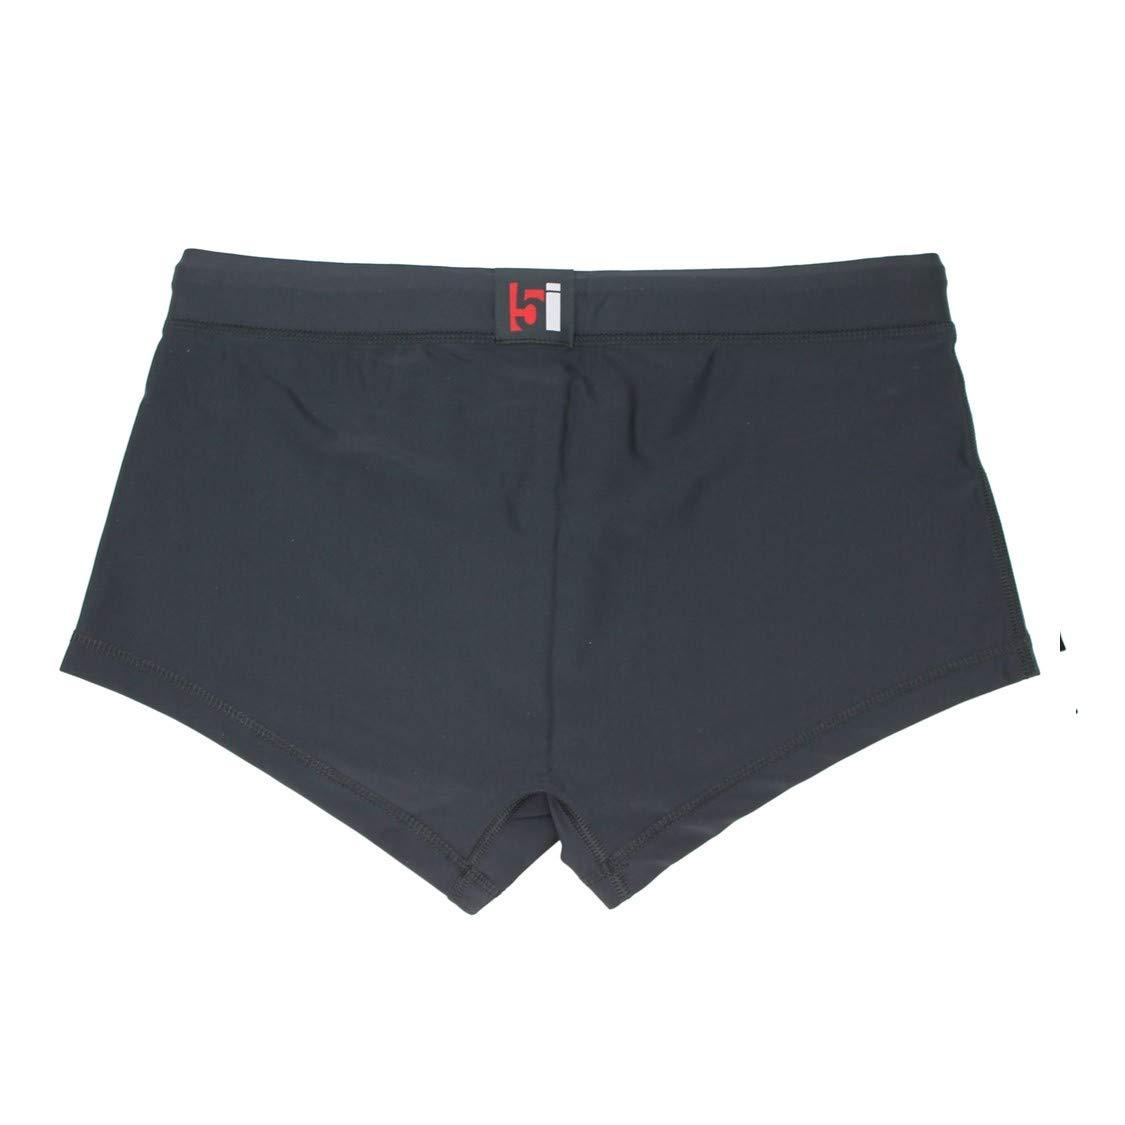 5bde2224887 Amazon.com : 5th Industry New! 20+ Styles Mens Swim Brief Square Leg ...